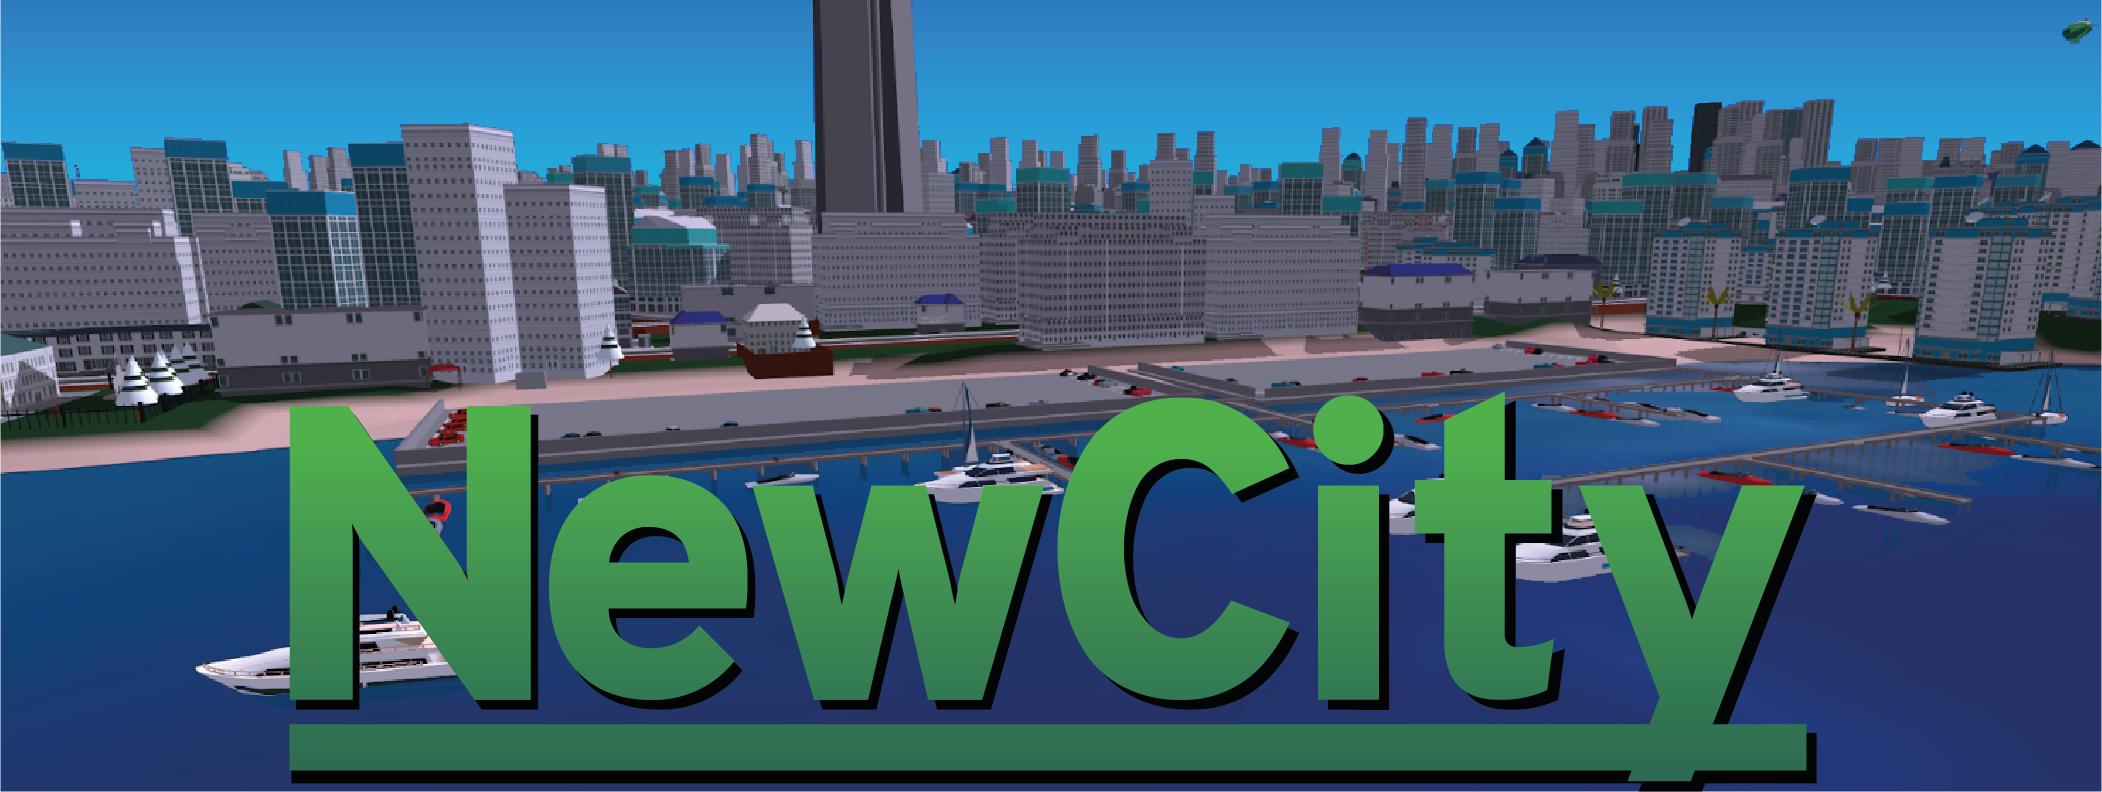 NewCity - The Regional City Builder